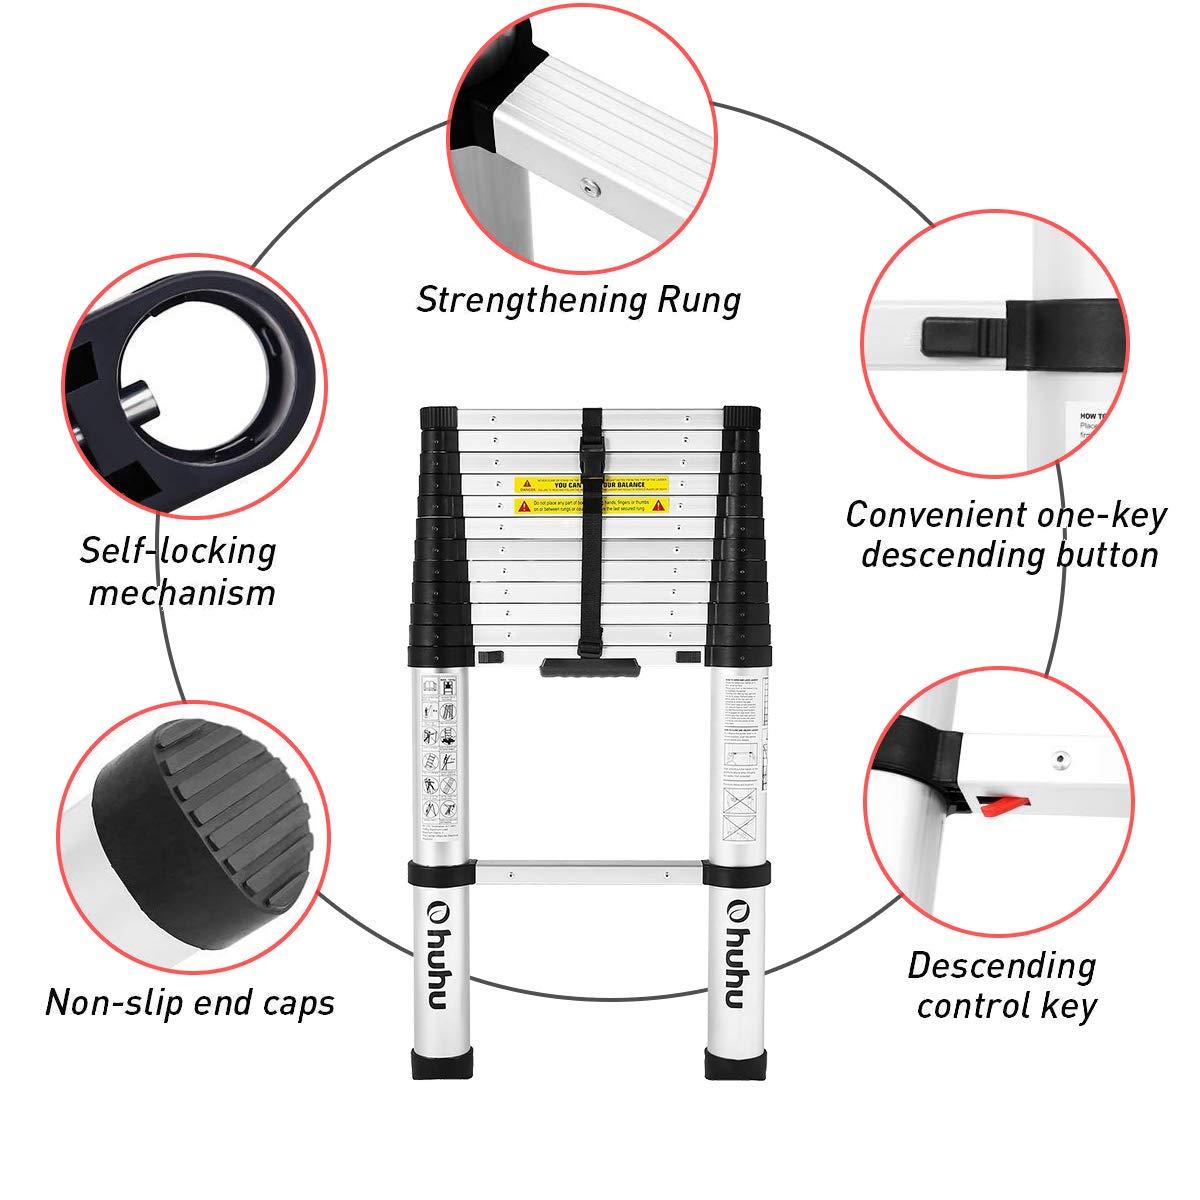 Escalera de extensi/ón telesc/ópica de Aluminio certificada de 3,8 m Cinta Antideslizante y Capacidad de 150 kg con Mecanismo de Bloqueo de Resorte Ohuhu